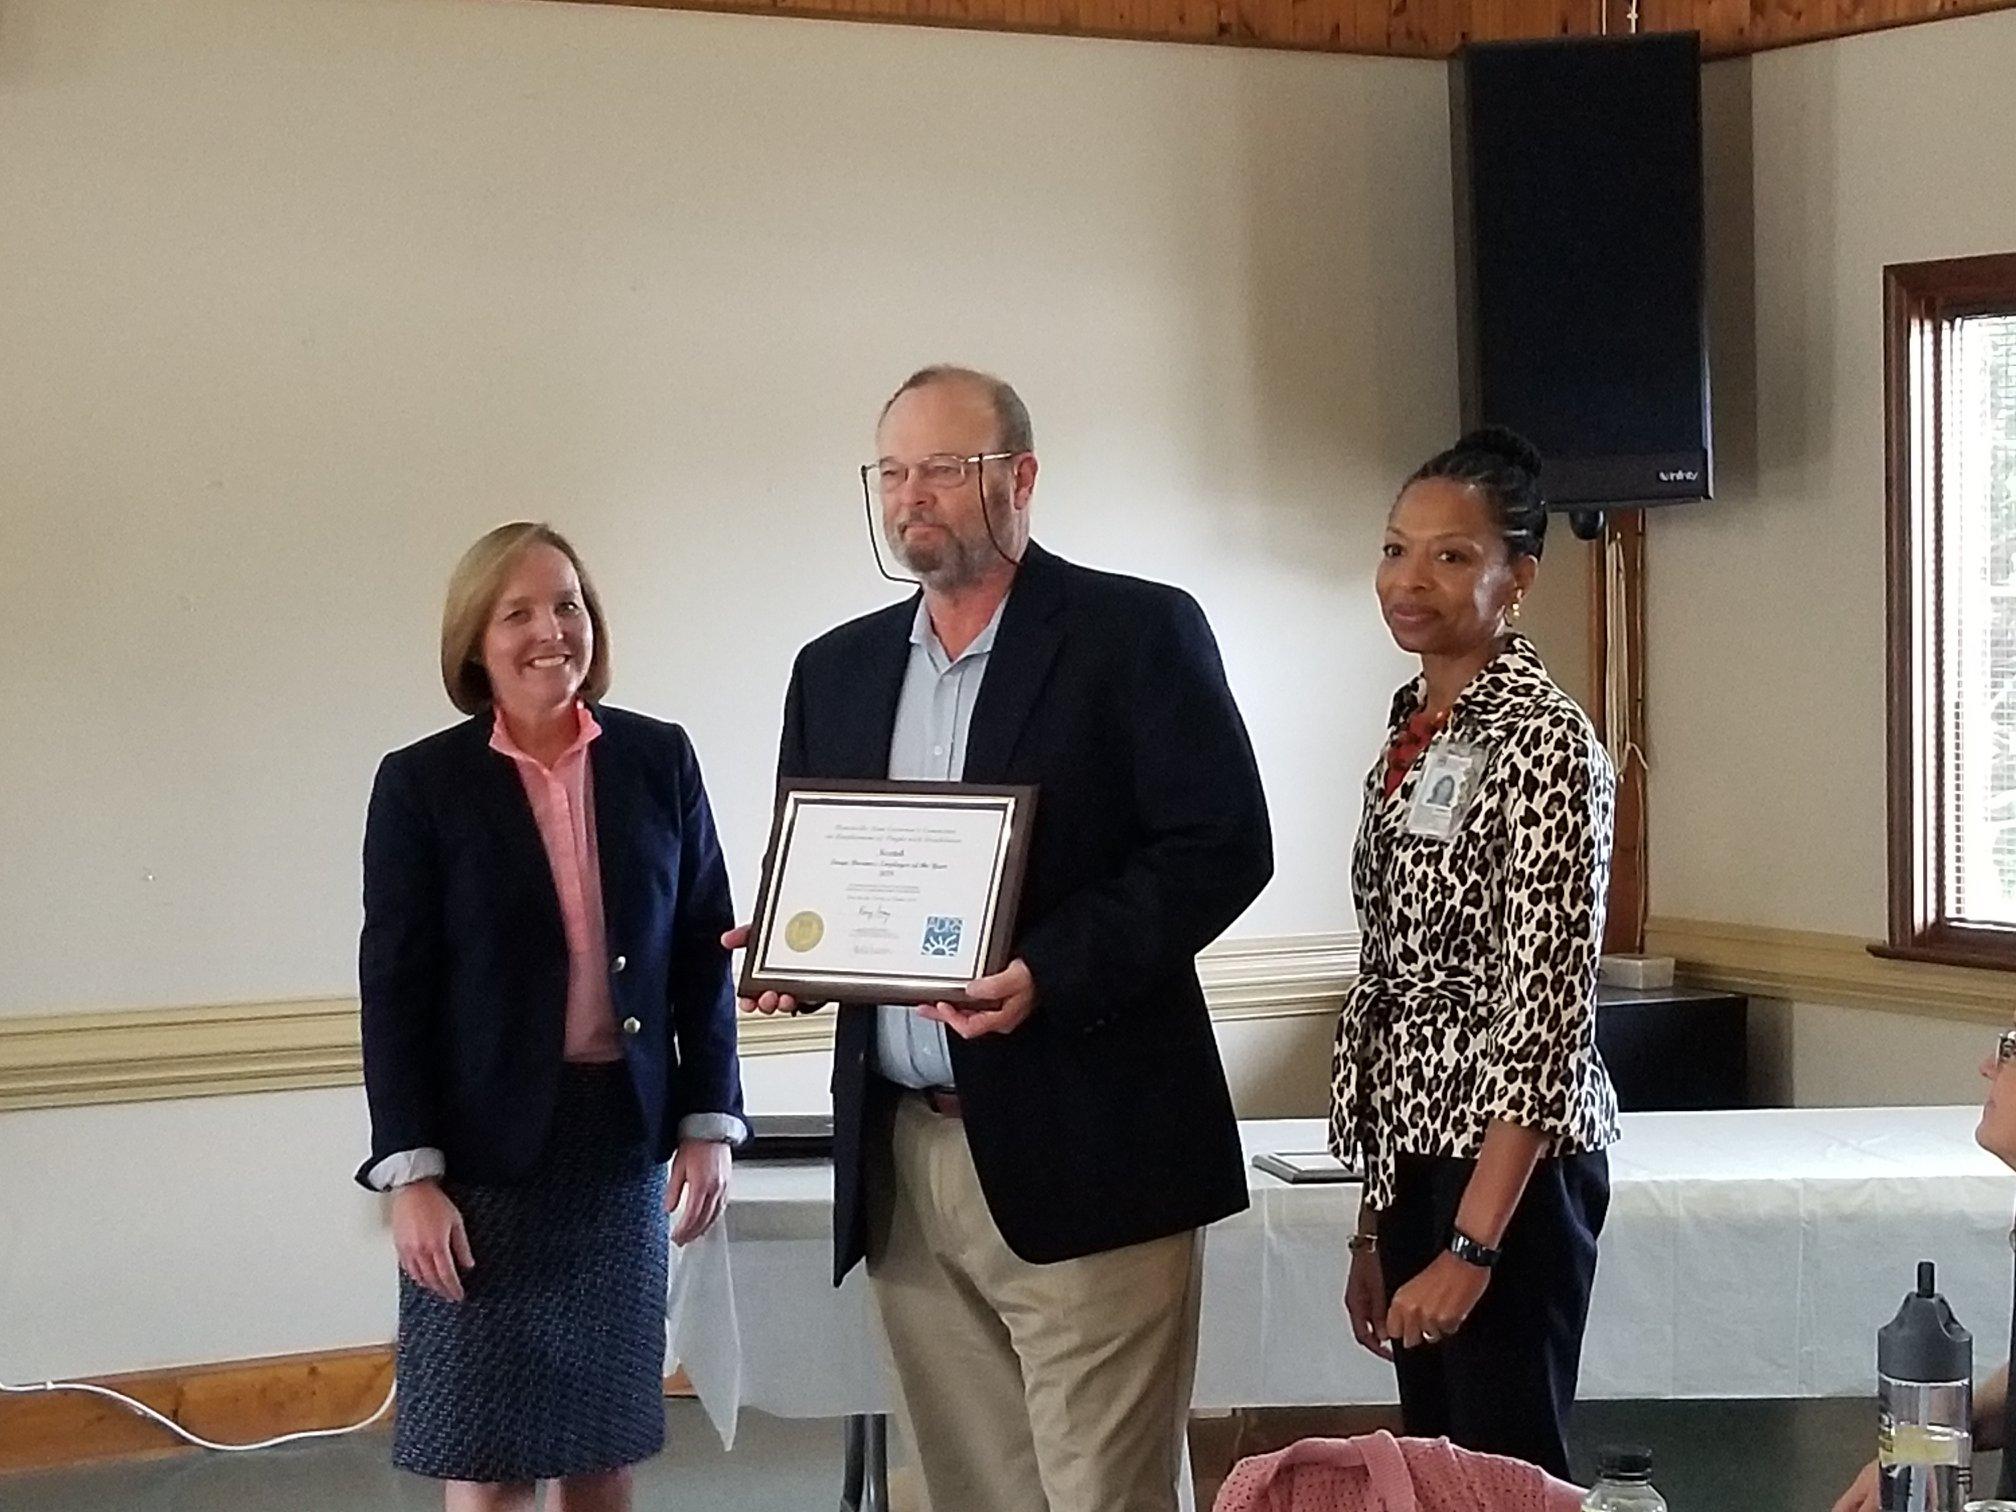 John Roberts; President & CEO accepts the award on behalf of Nextek, Inc